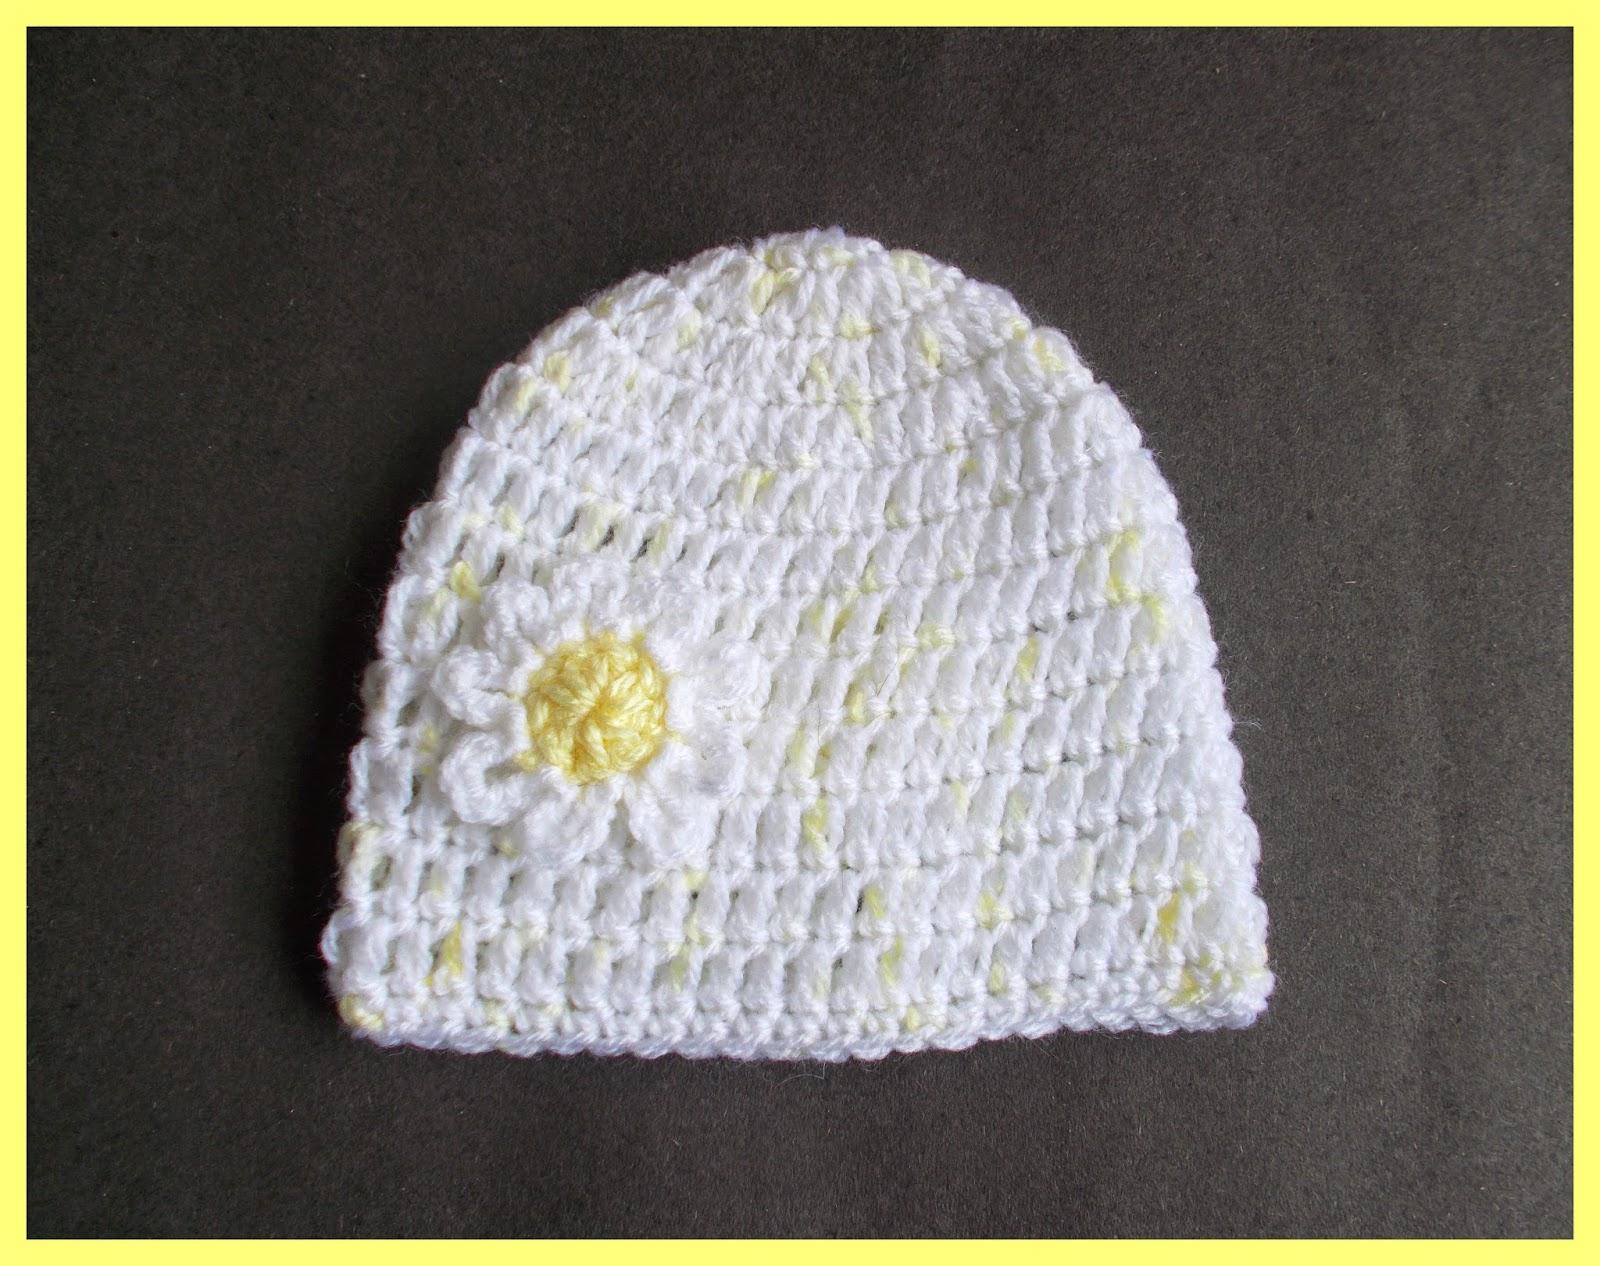 Daisy Crochet Baby Hat Pattern : mariannas lazy daisy days: Daisy Baby Hat